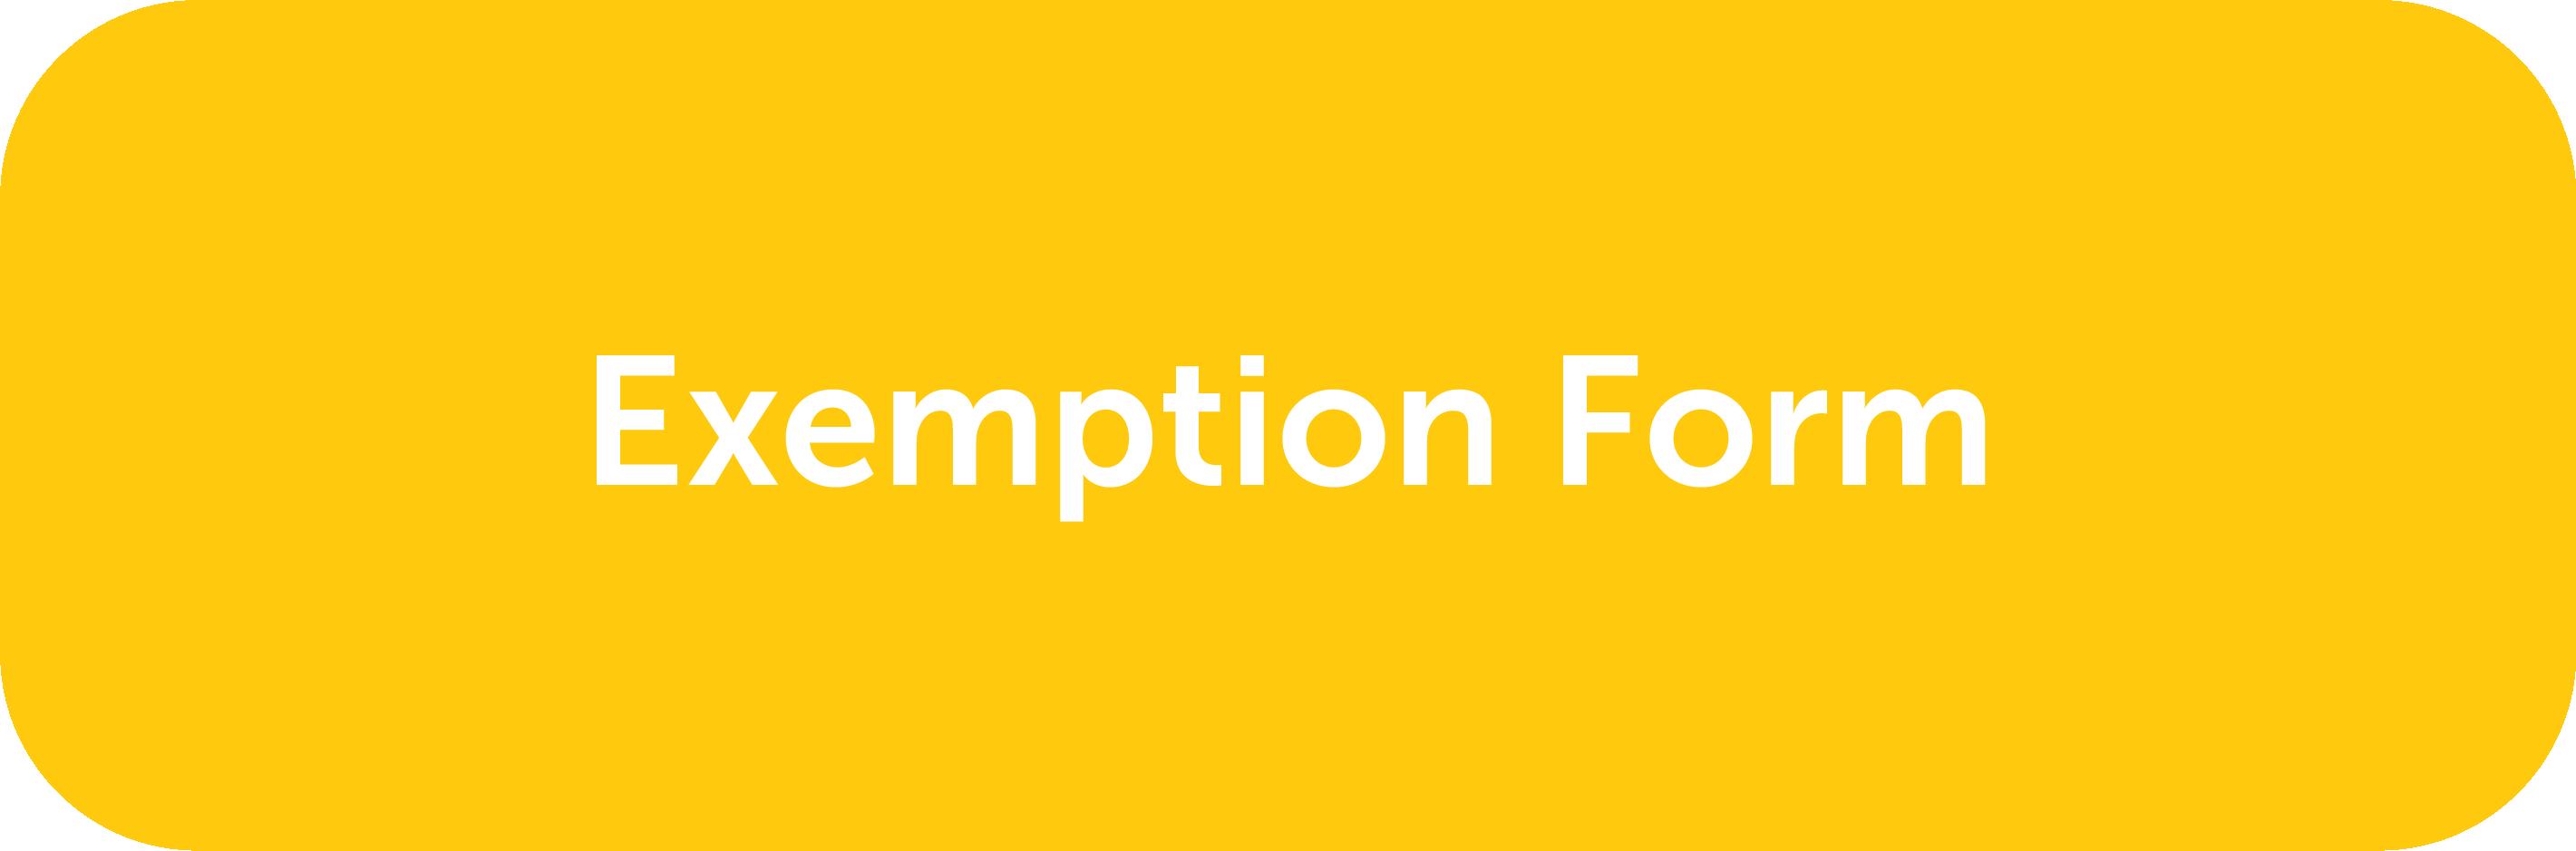 Exemption form button